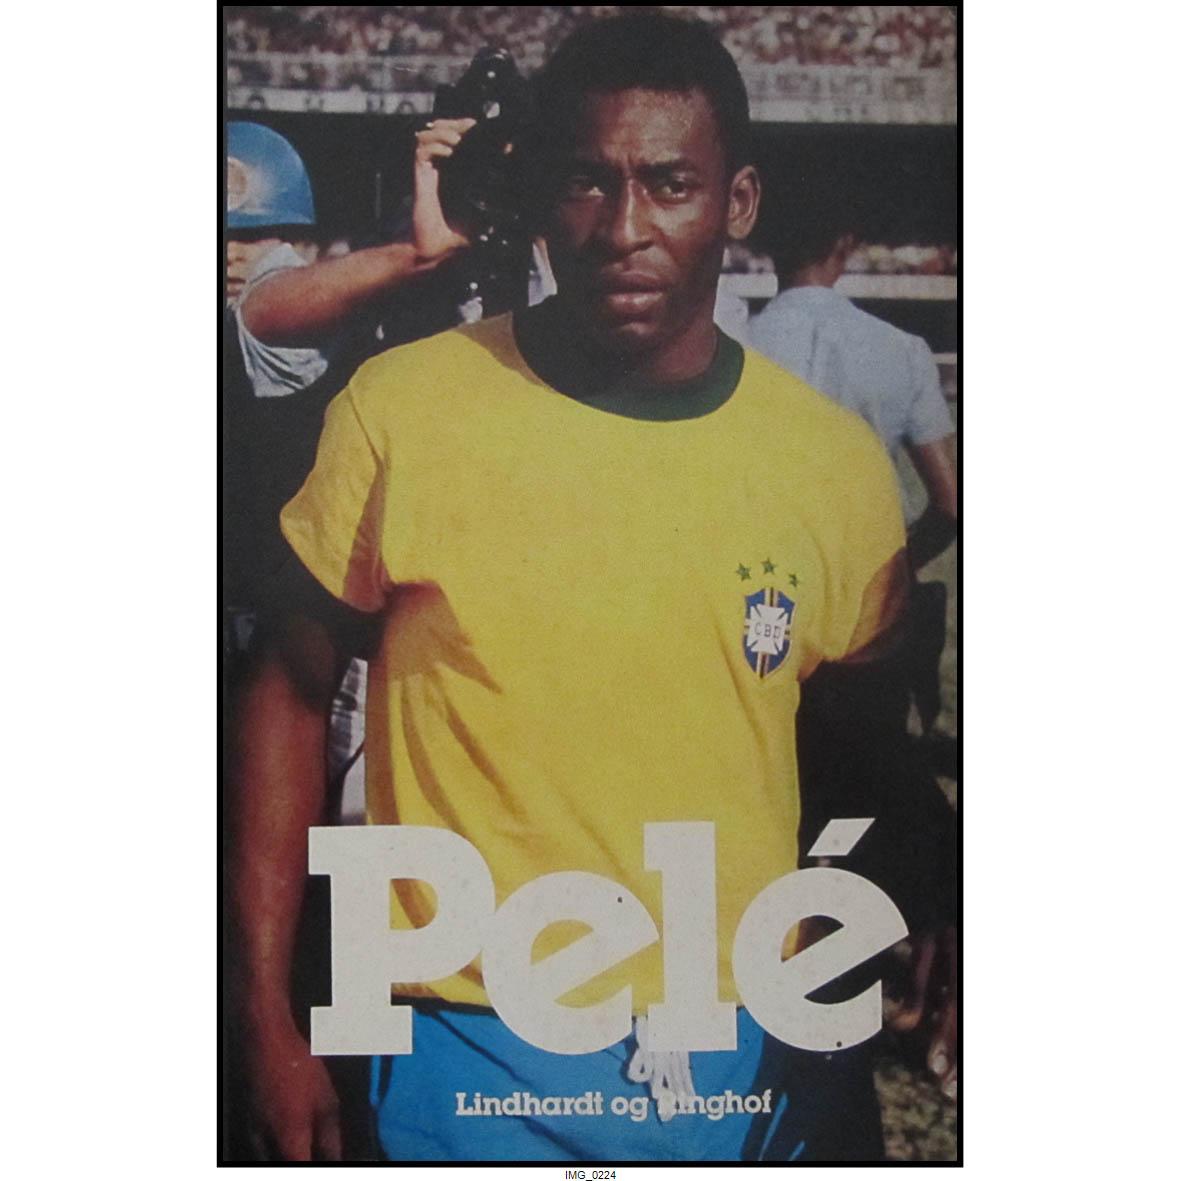 Pelé - Mit liv i Fodbold